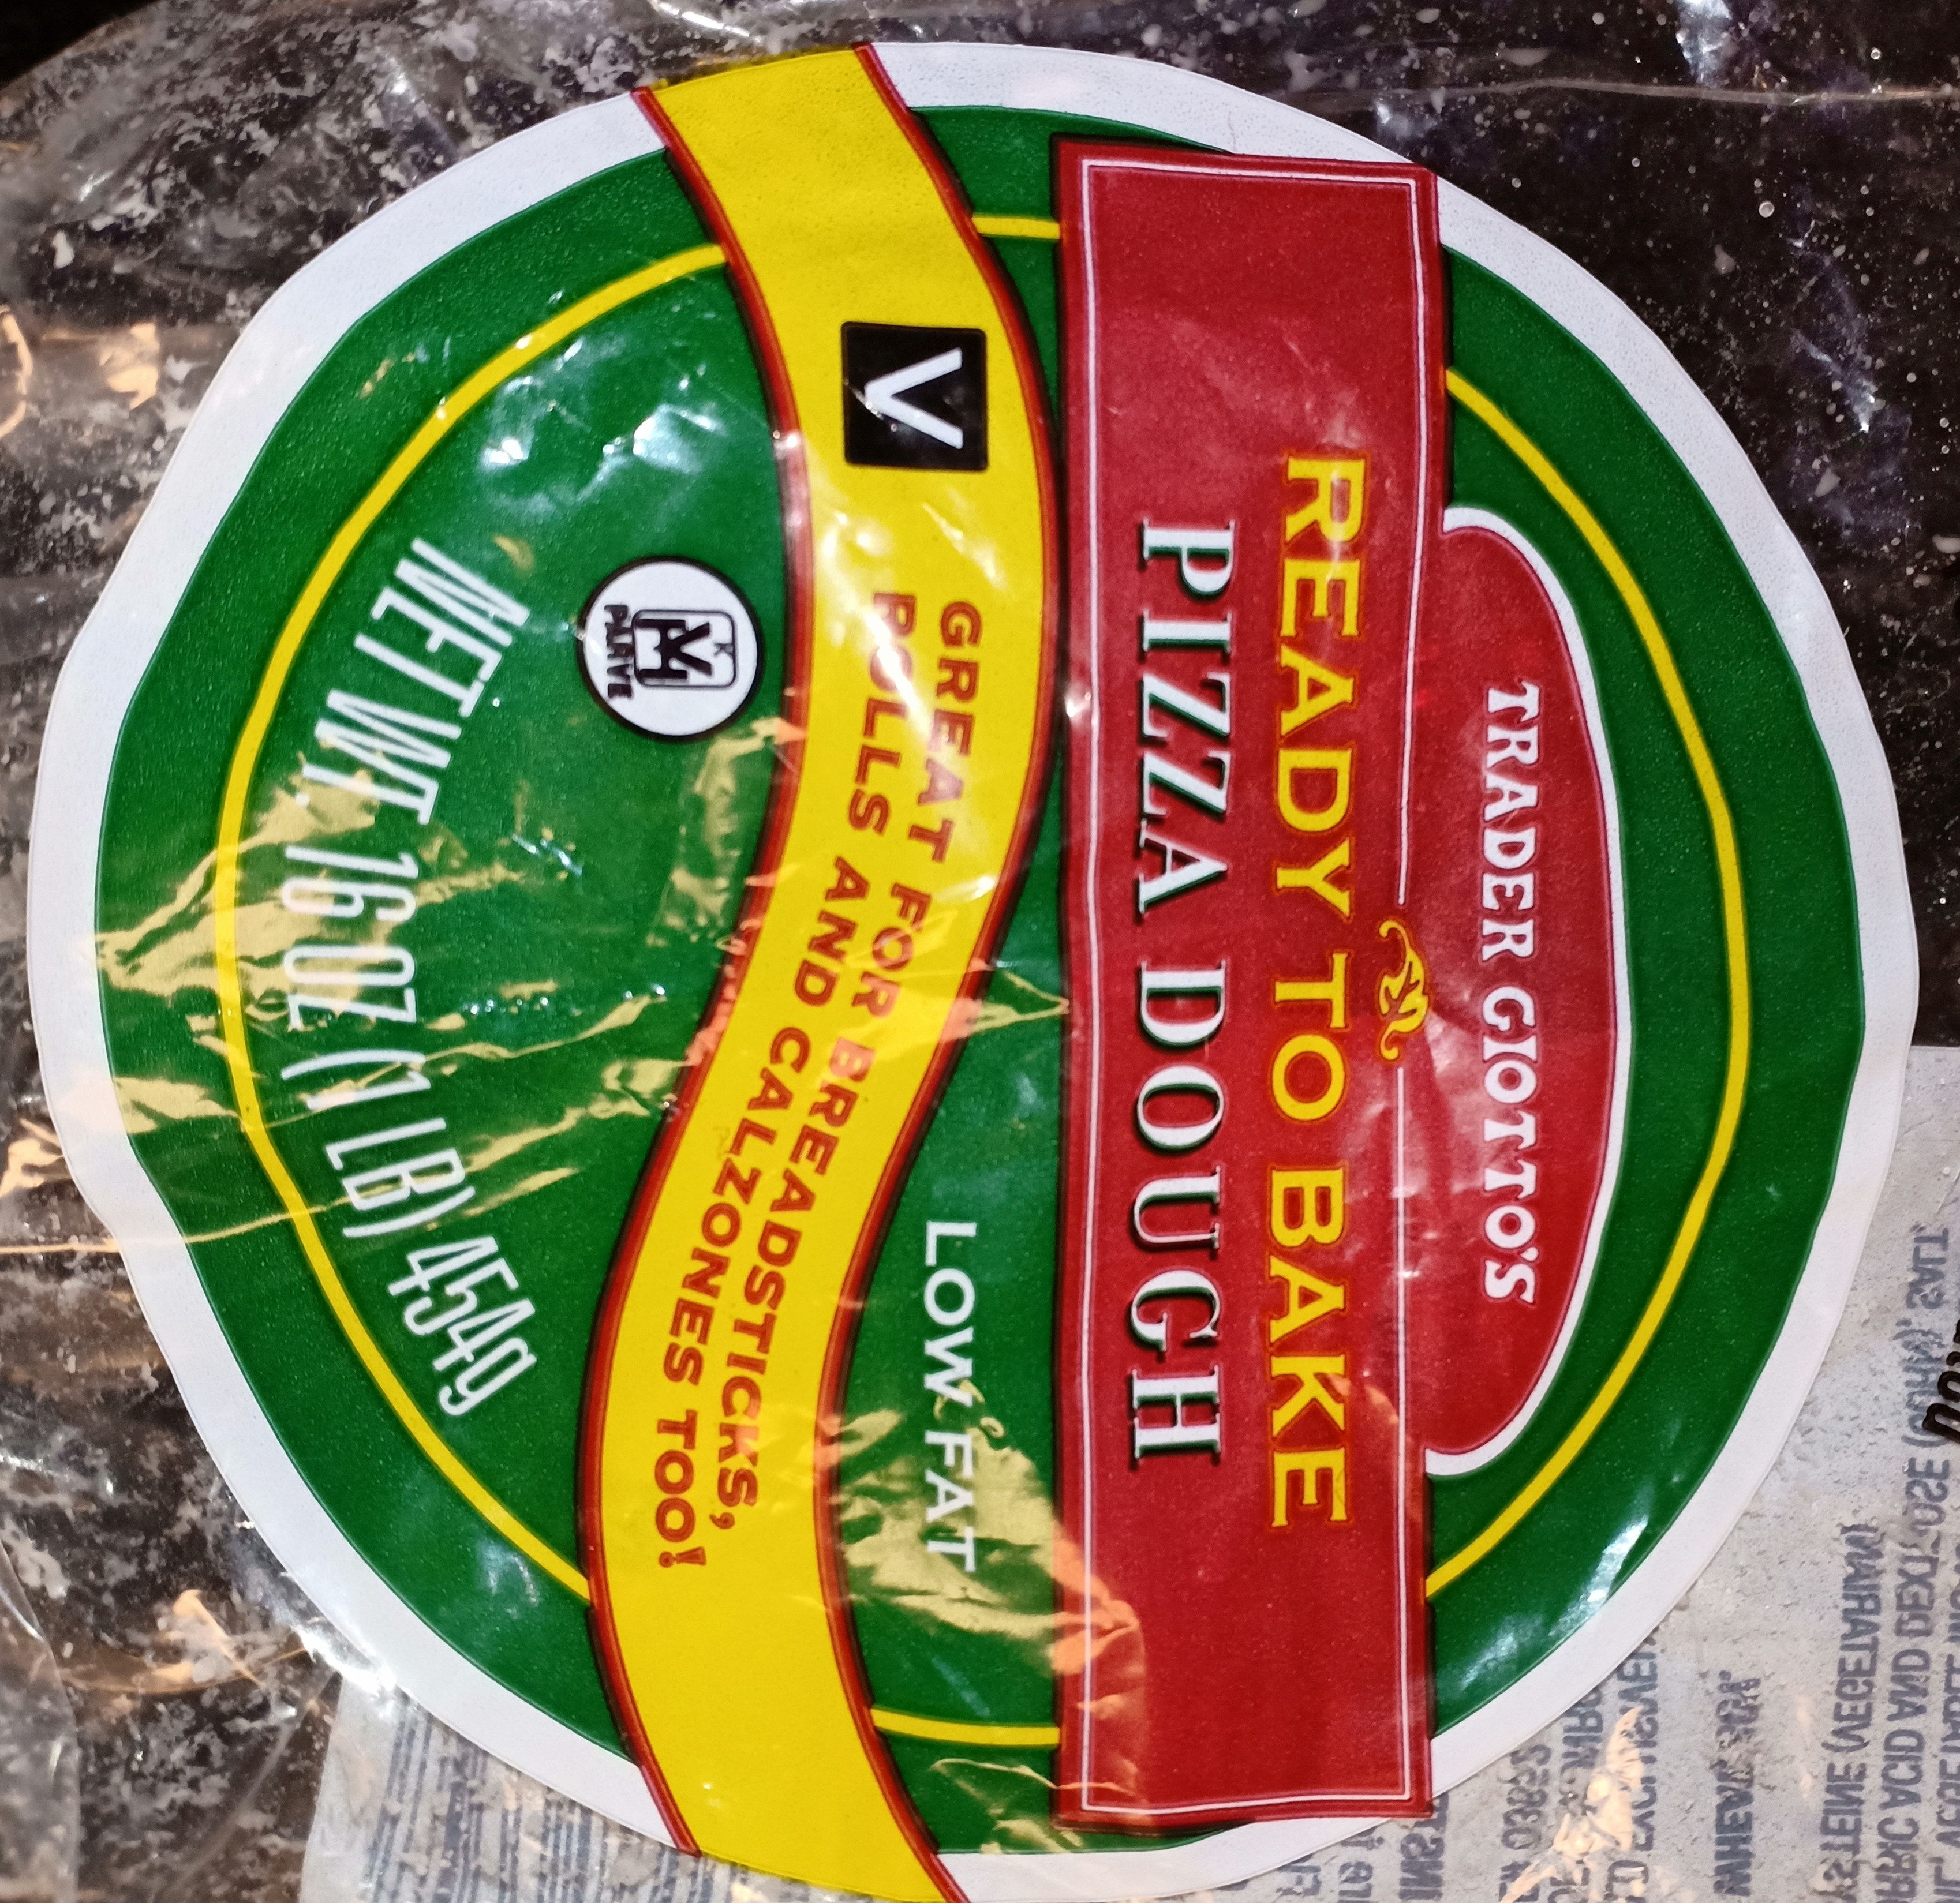 Pizza Dough low fat - Product - en